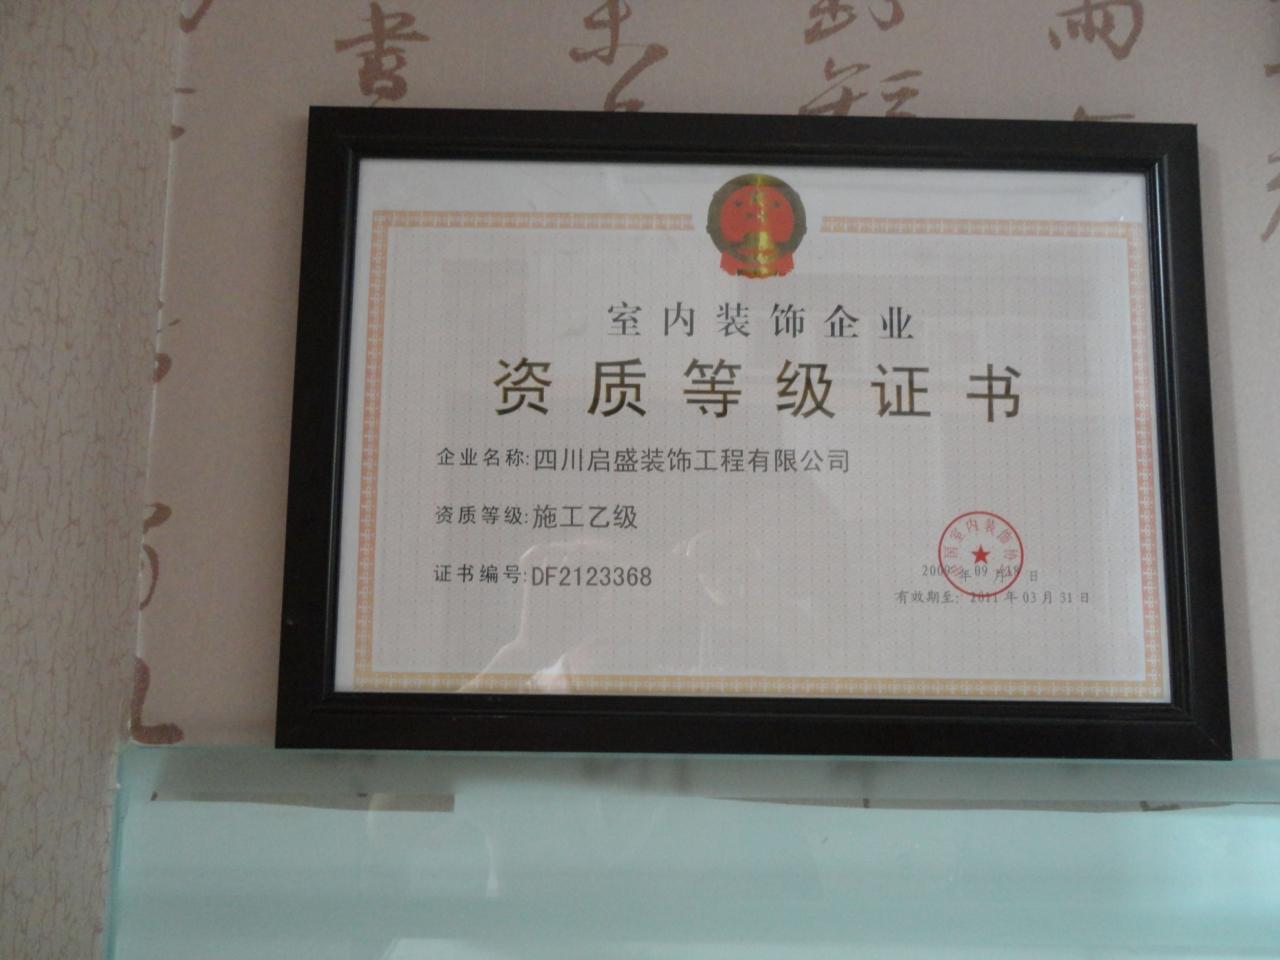 室内装修装饰施工乙级资质.3.四川省室内装饰协会会员